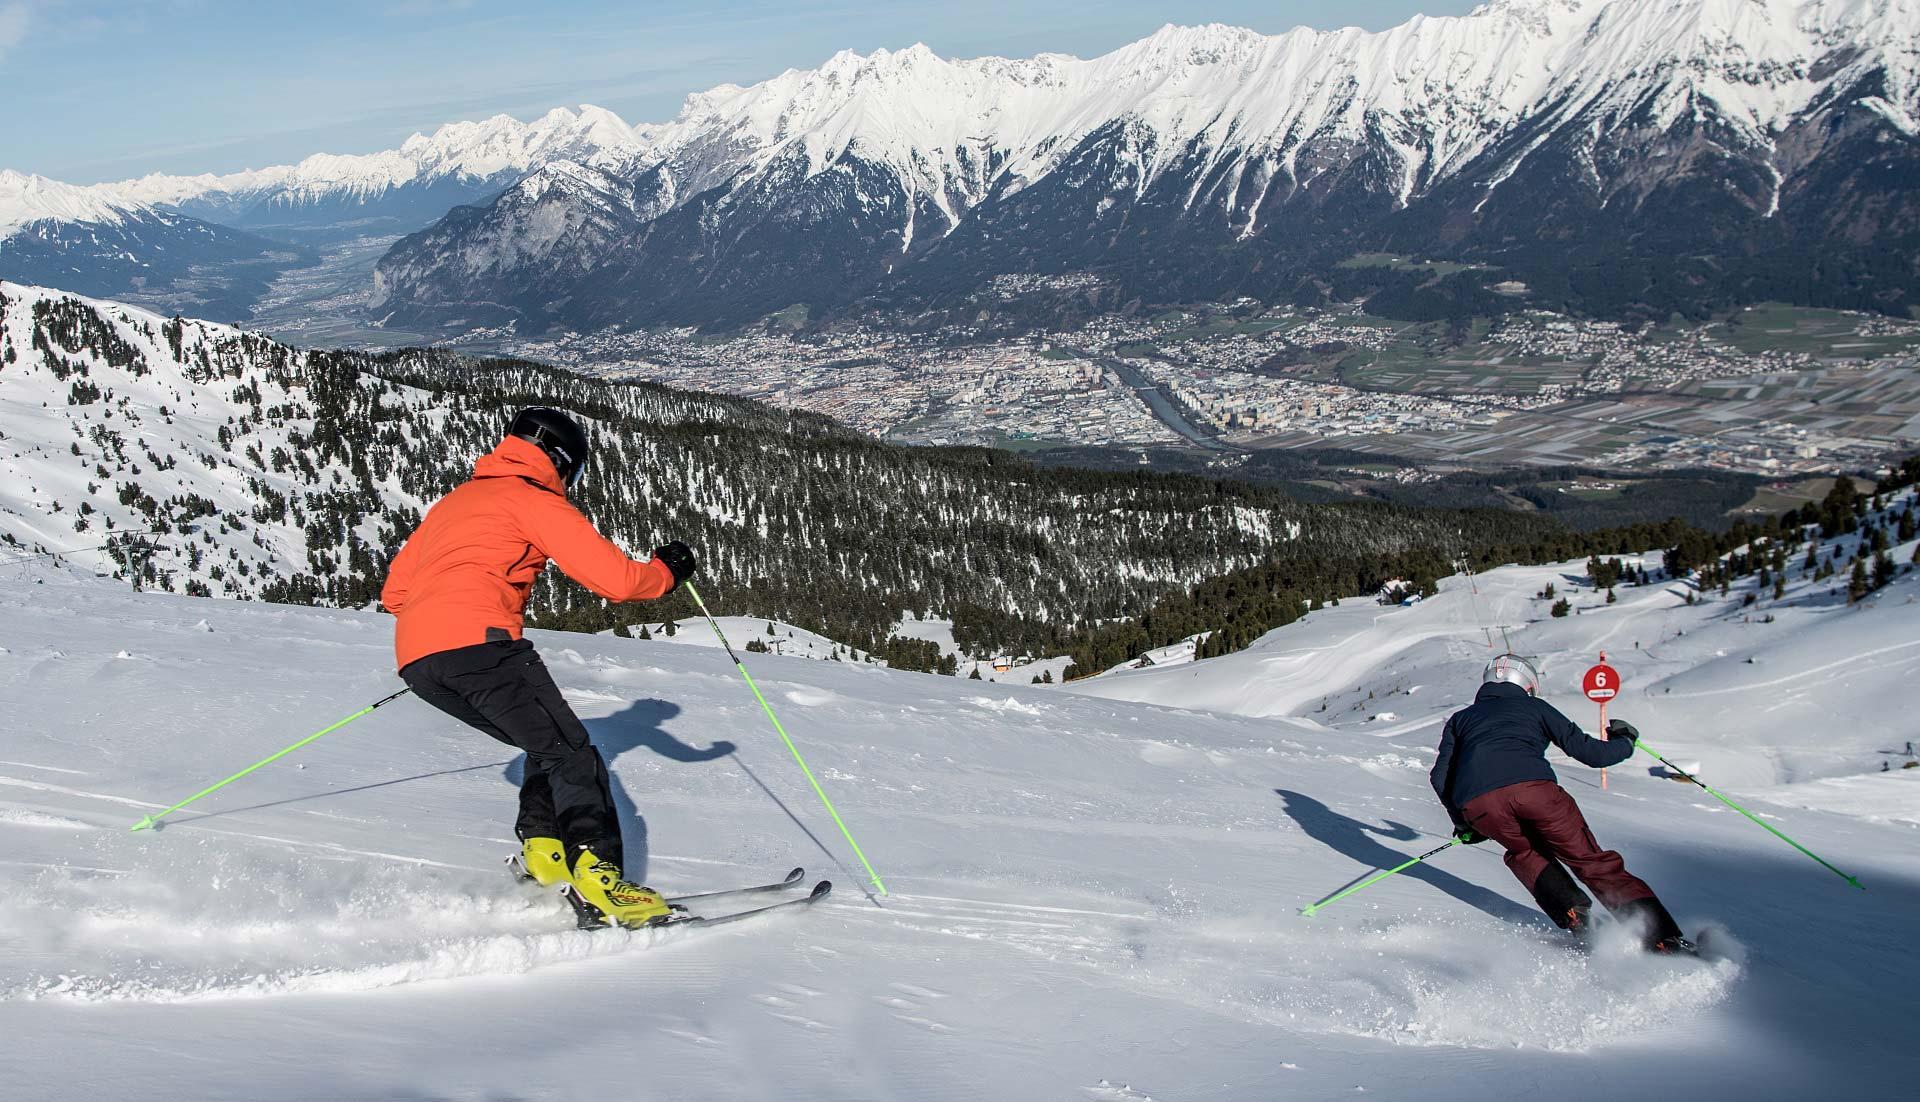 Skifahren am Glungezer in Tirol tvb hall